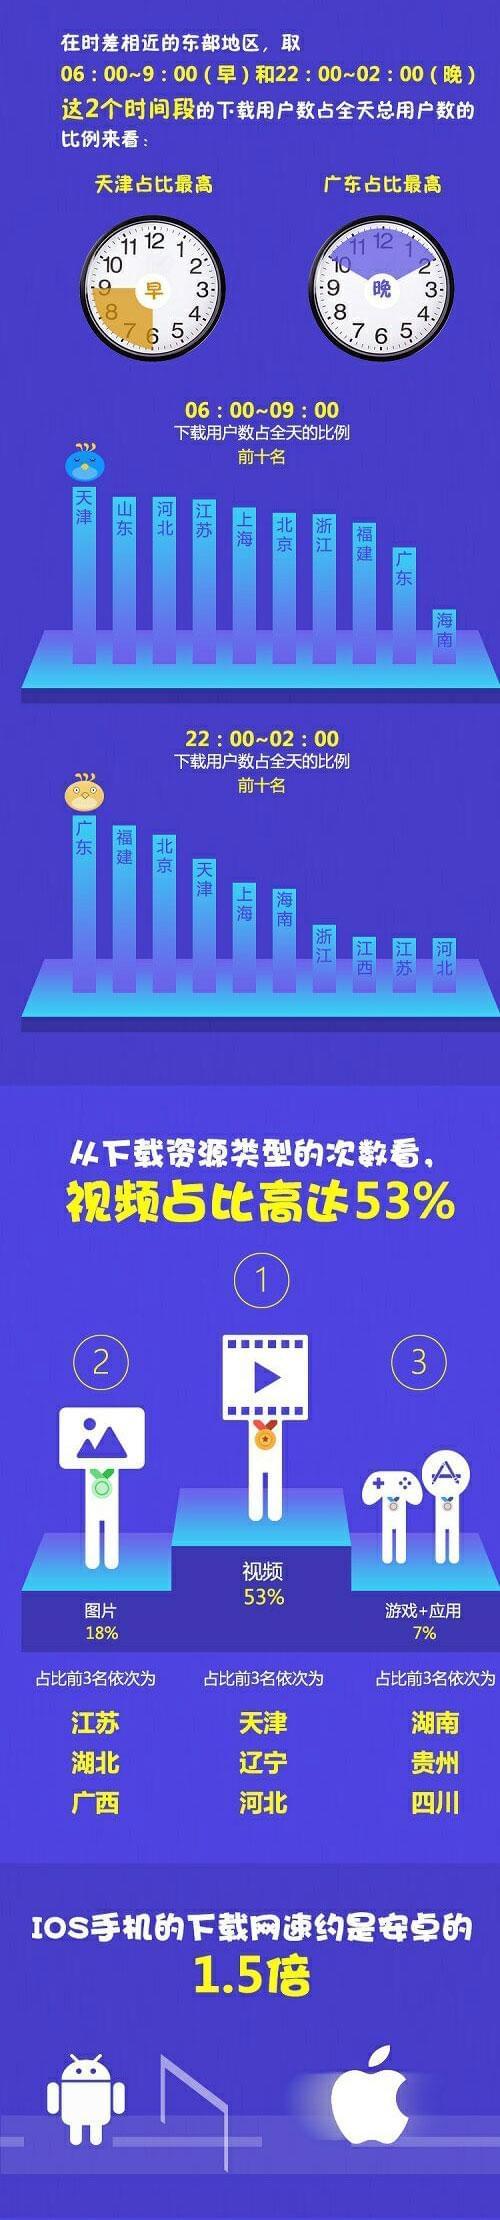 迅雷发布年中迅数榜:手机下载8Mb/s iPhone比安卓快50%的照片 - 6